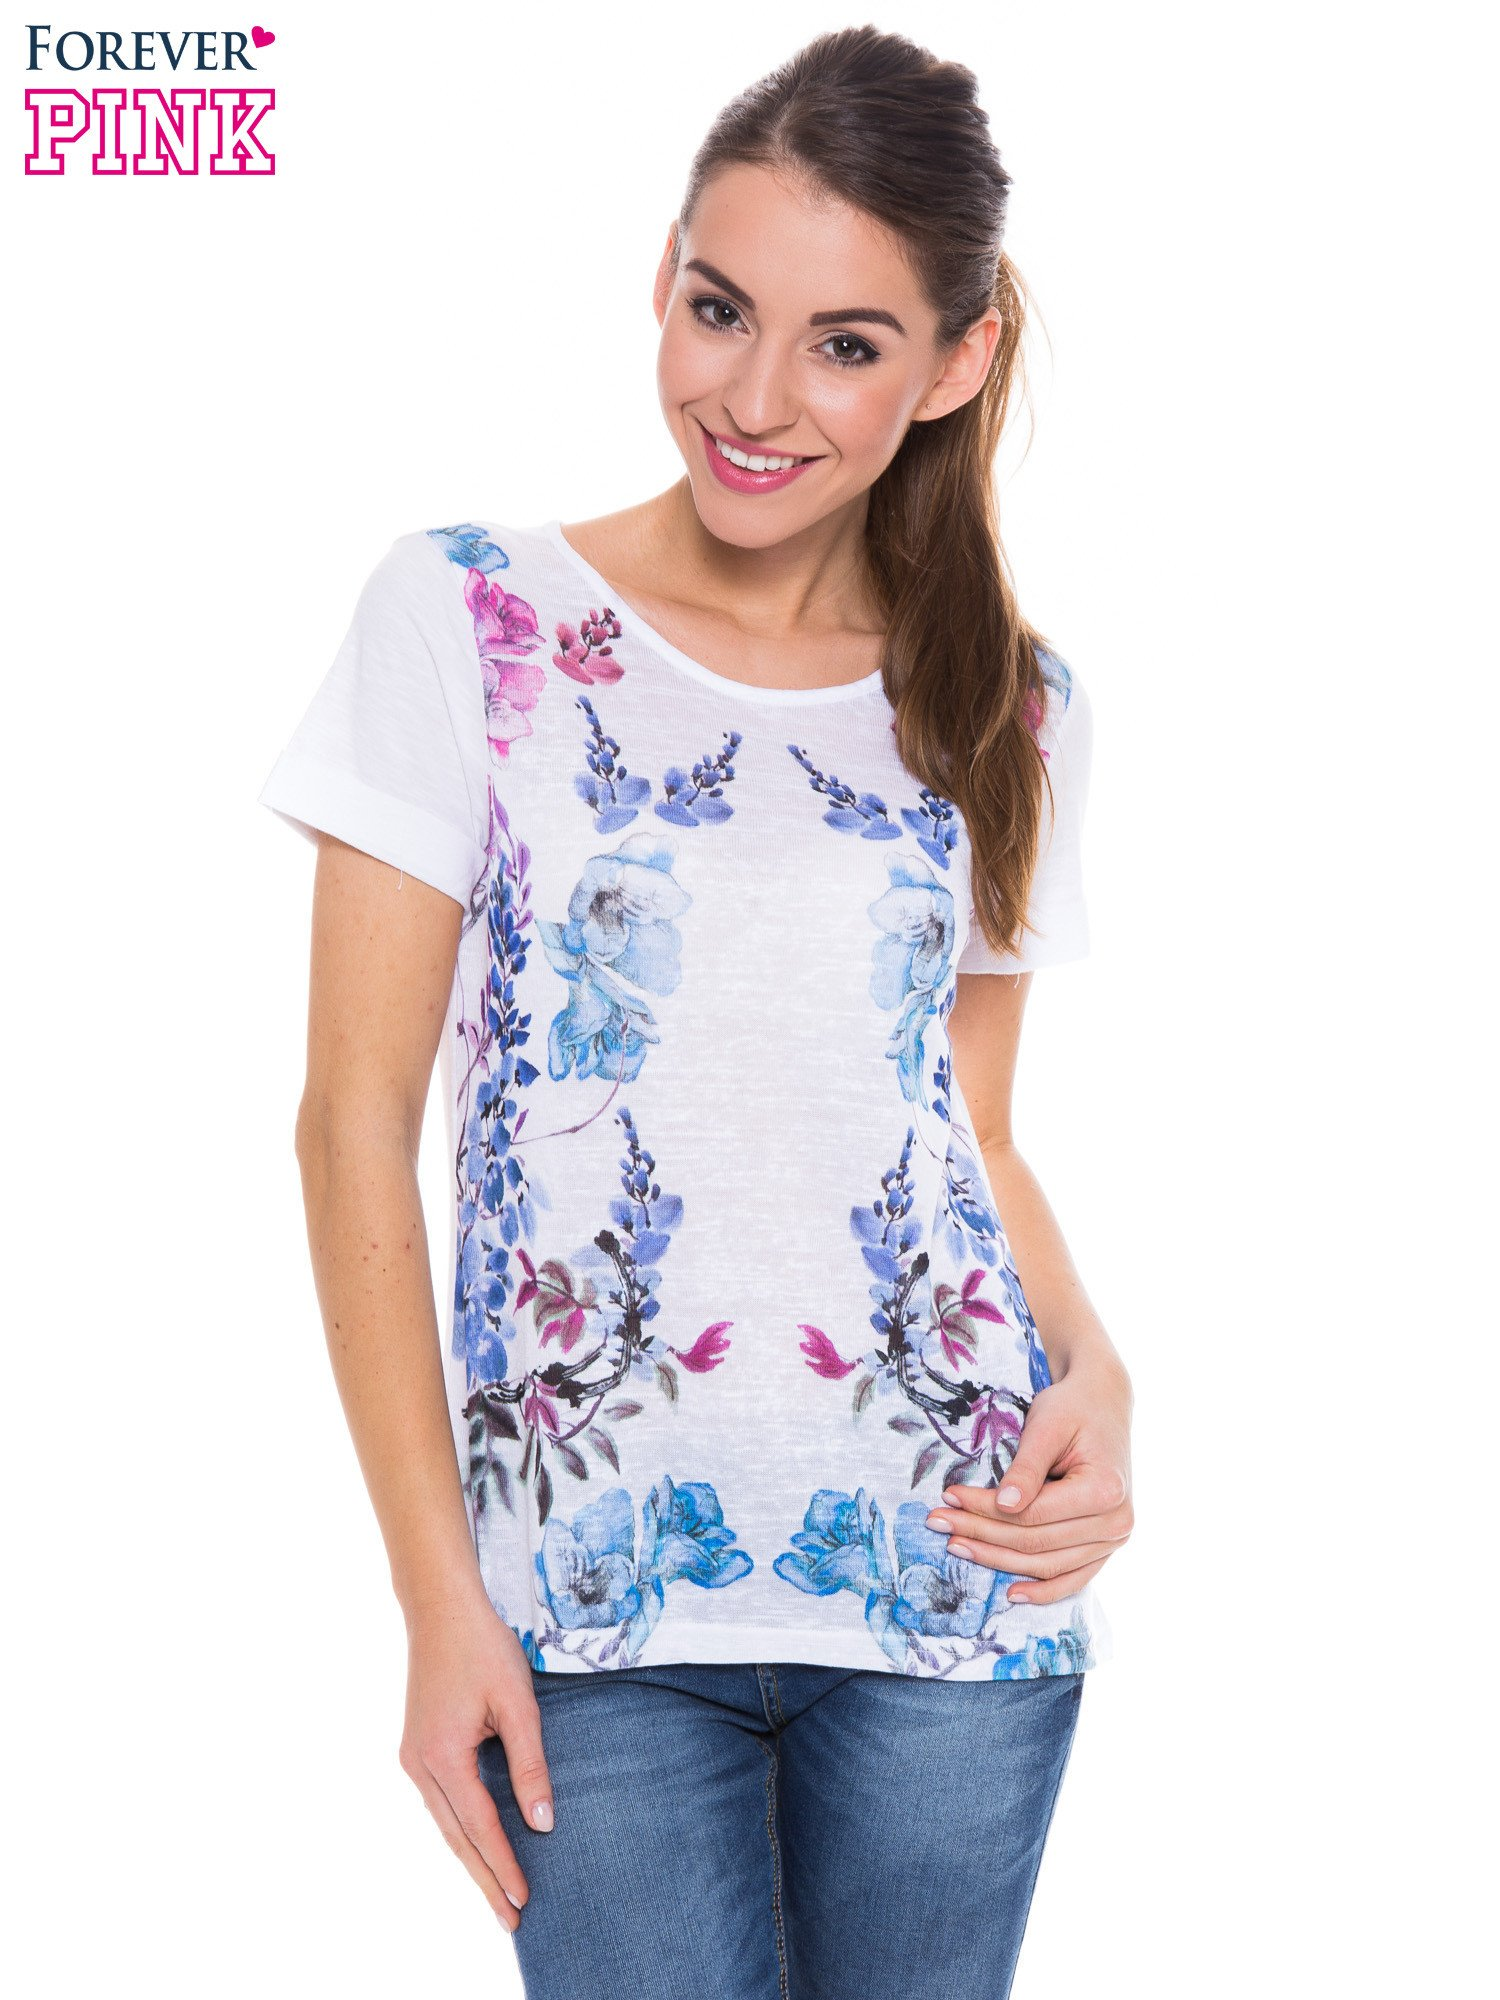 Biały t-shirt z niebieskim nadrukiem roślinnym                                  zdj.                                  1